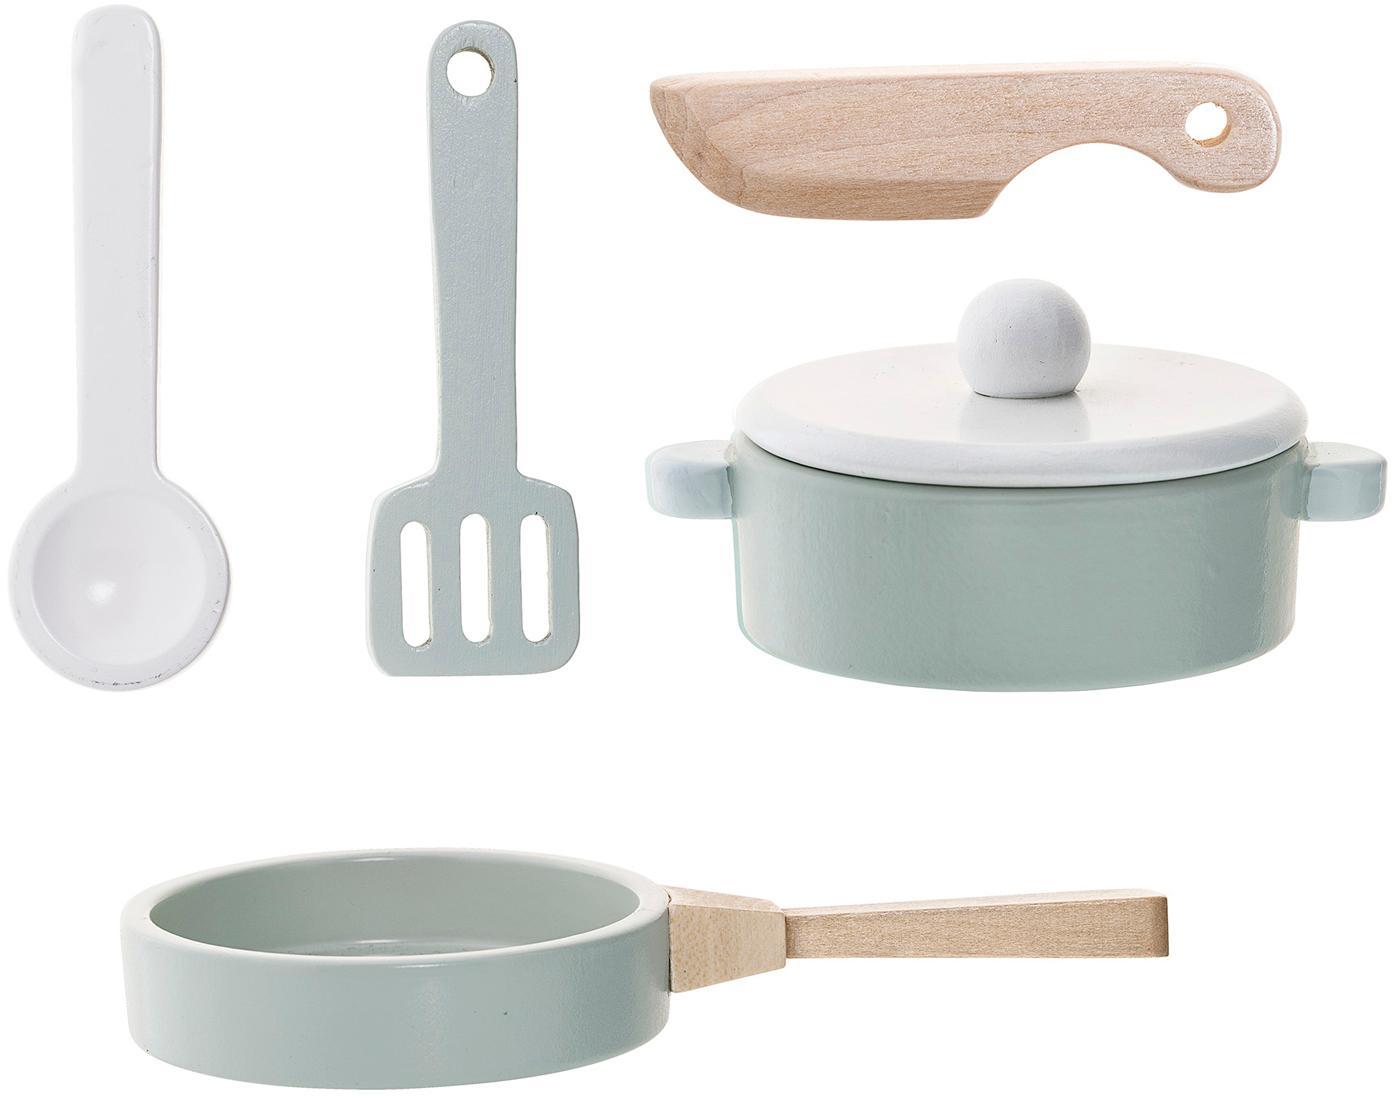 Spielzeug-Set Cooking, 5-tlg., Mitteldichte Holzfaserplatte (MDF), Schimaholz, Blau, Sondergrößen